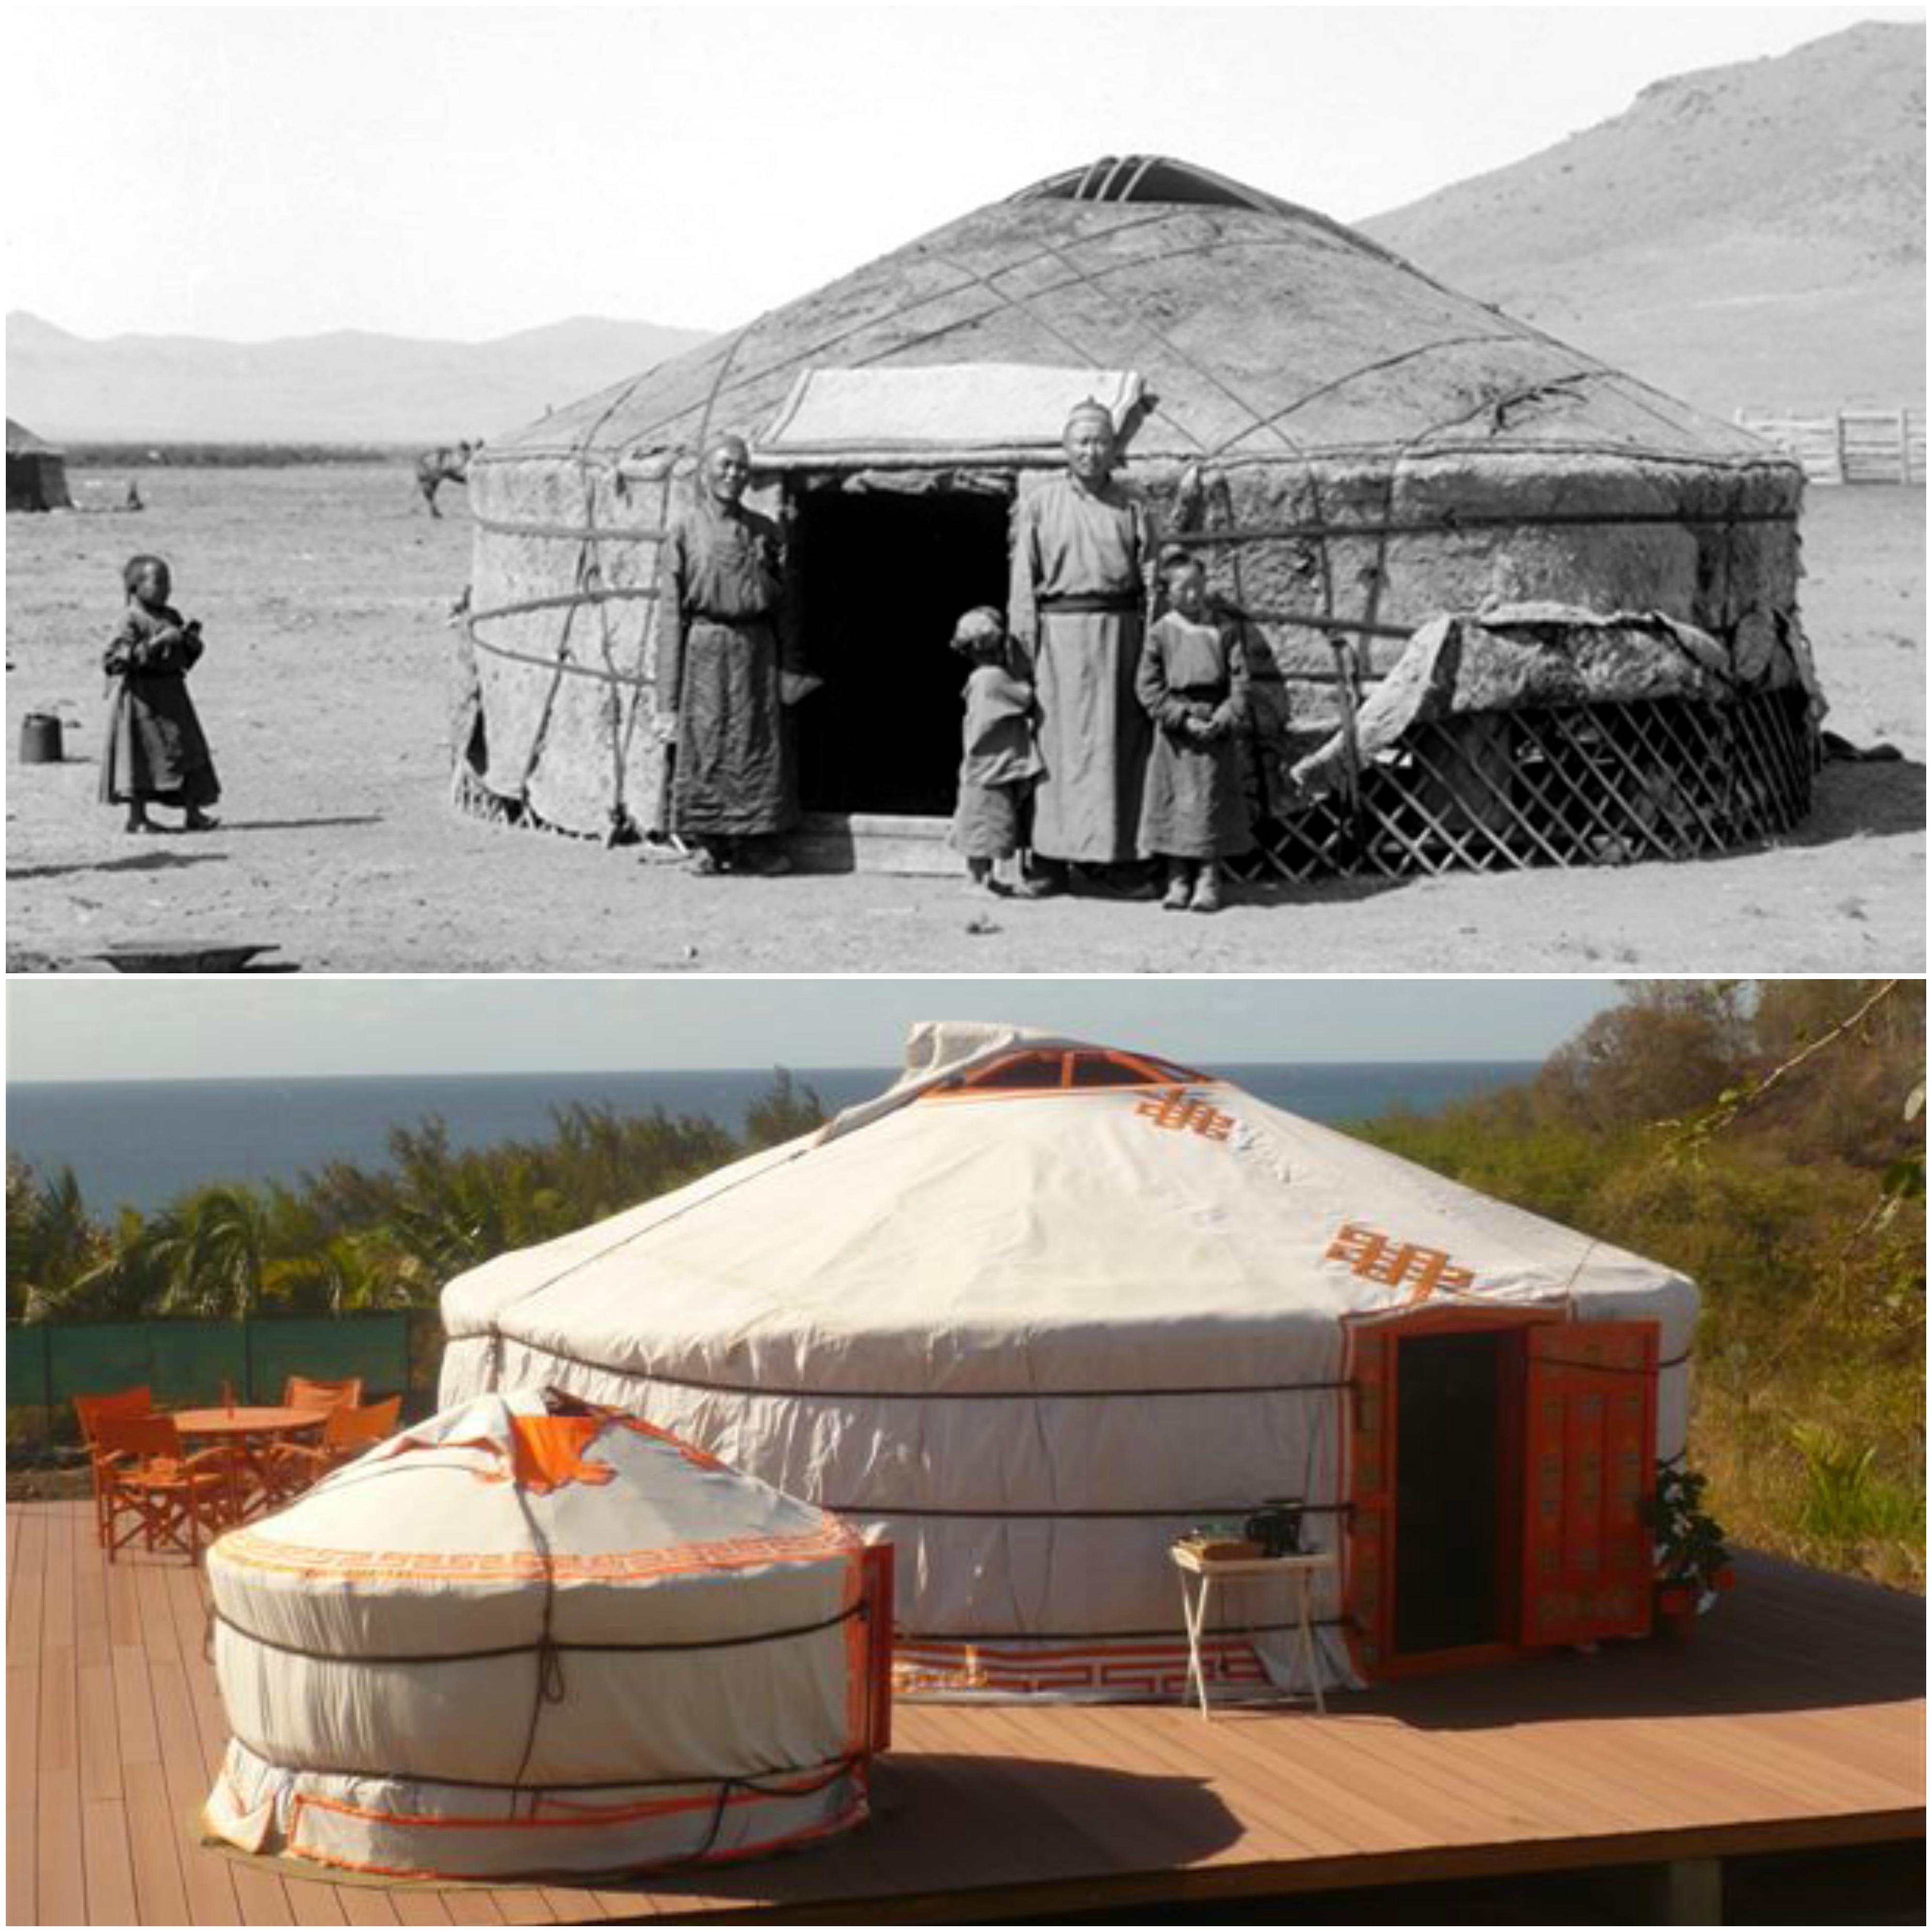 para-el-glamping-la-yurta-es-una-tienda -de-campana-procedente-de-mongolia